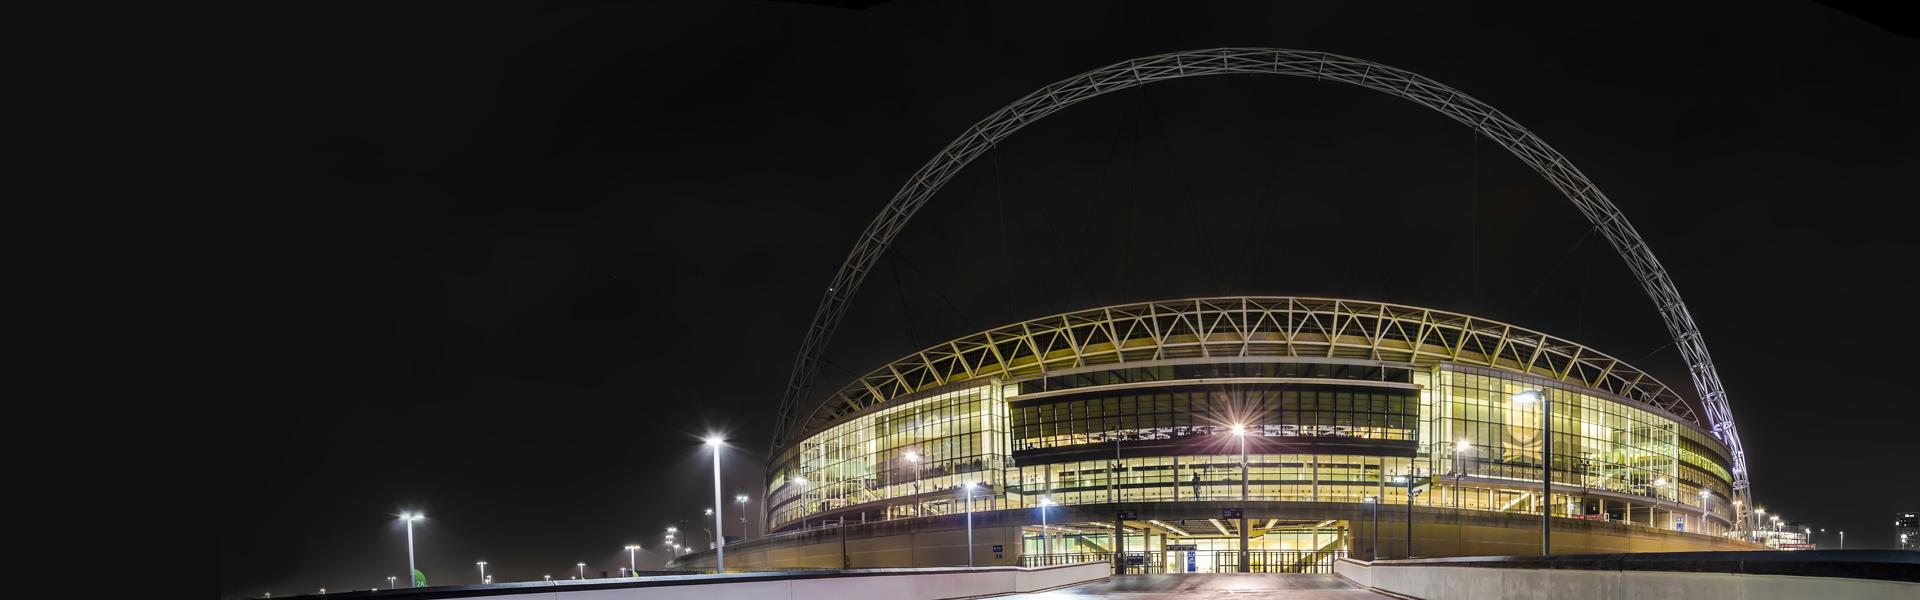 Стадіон Уемблі